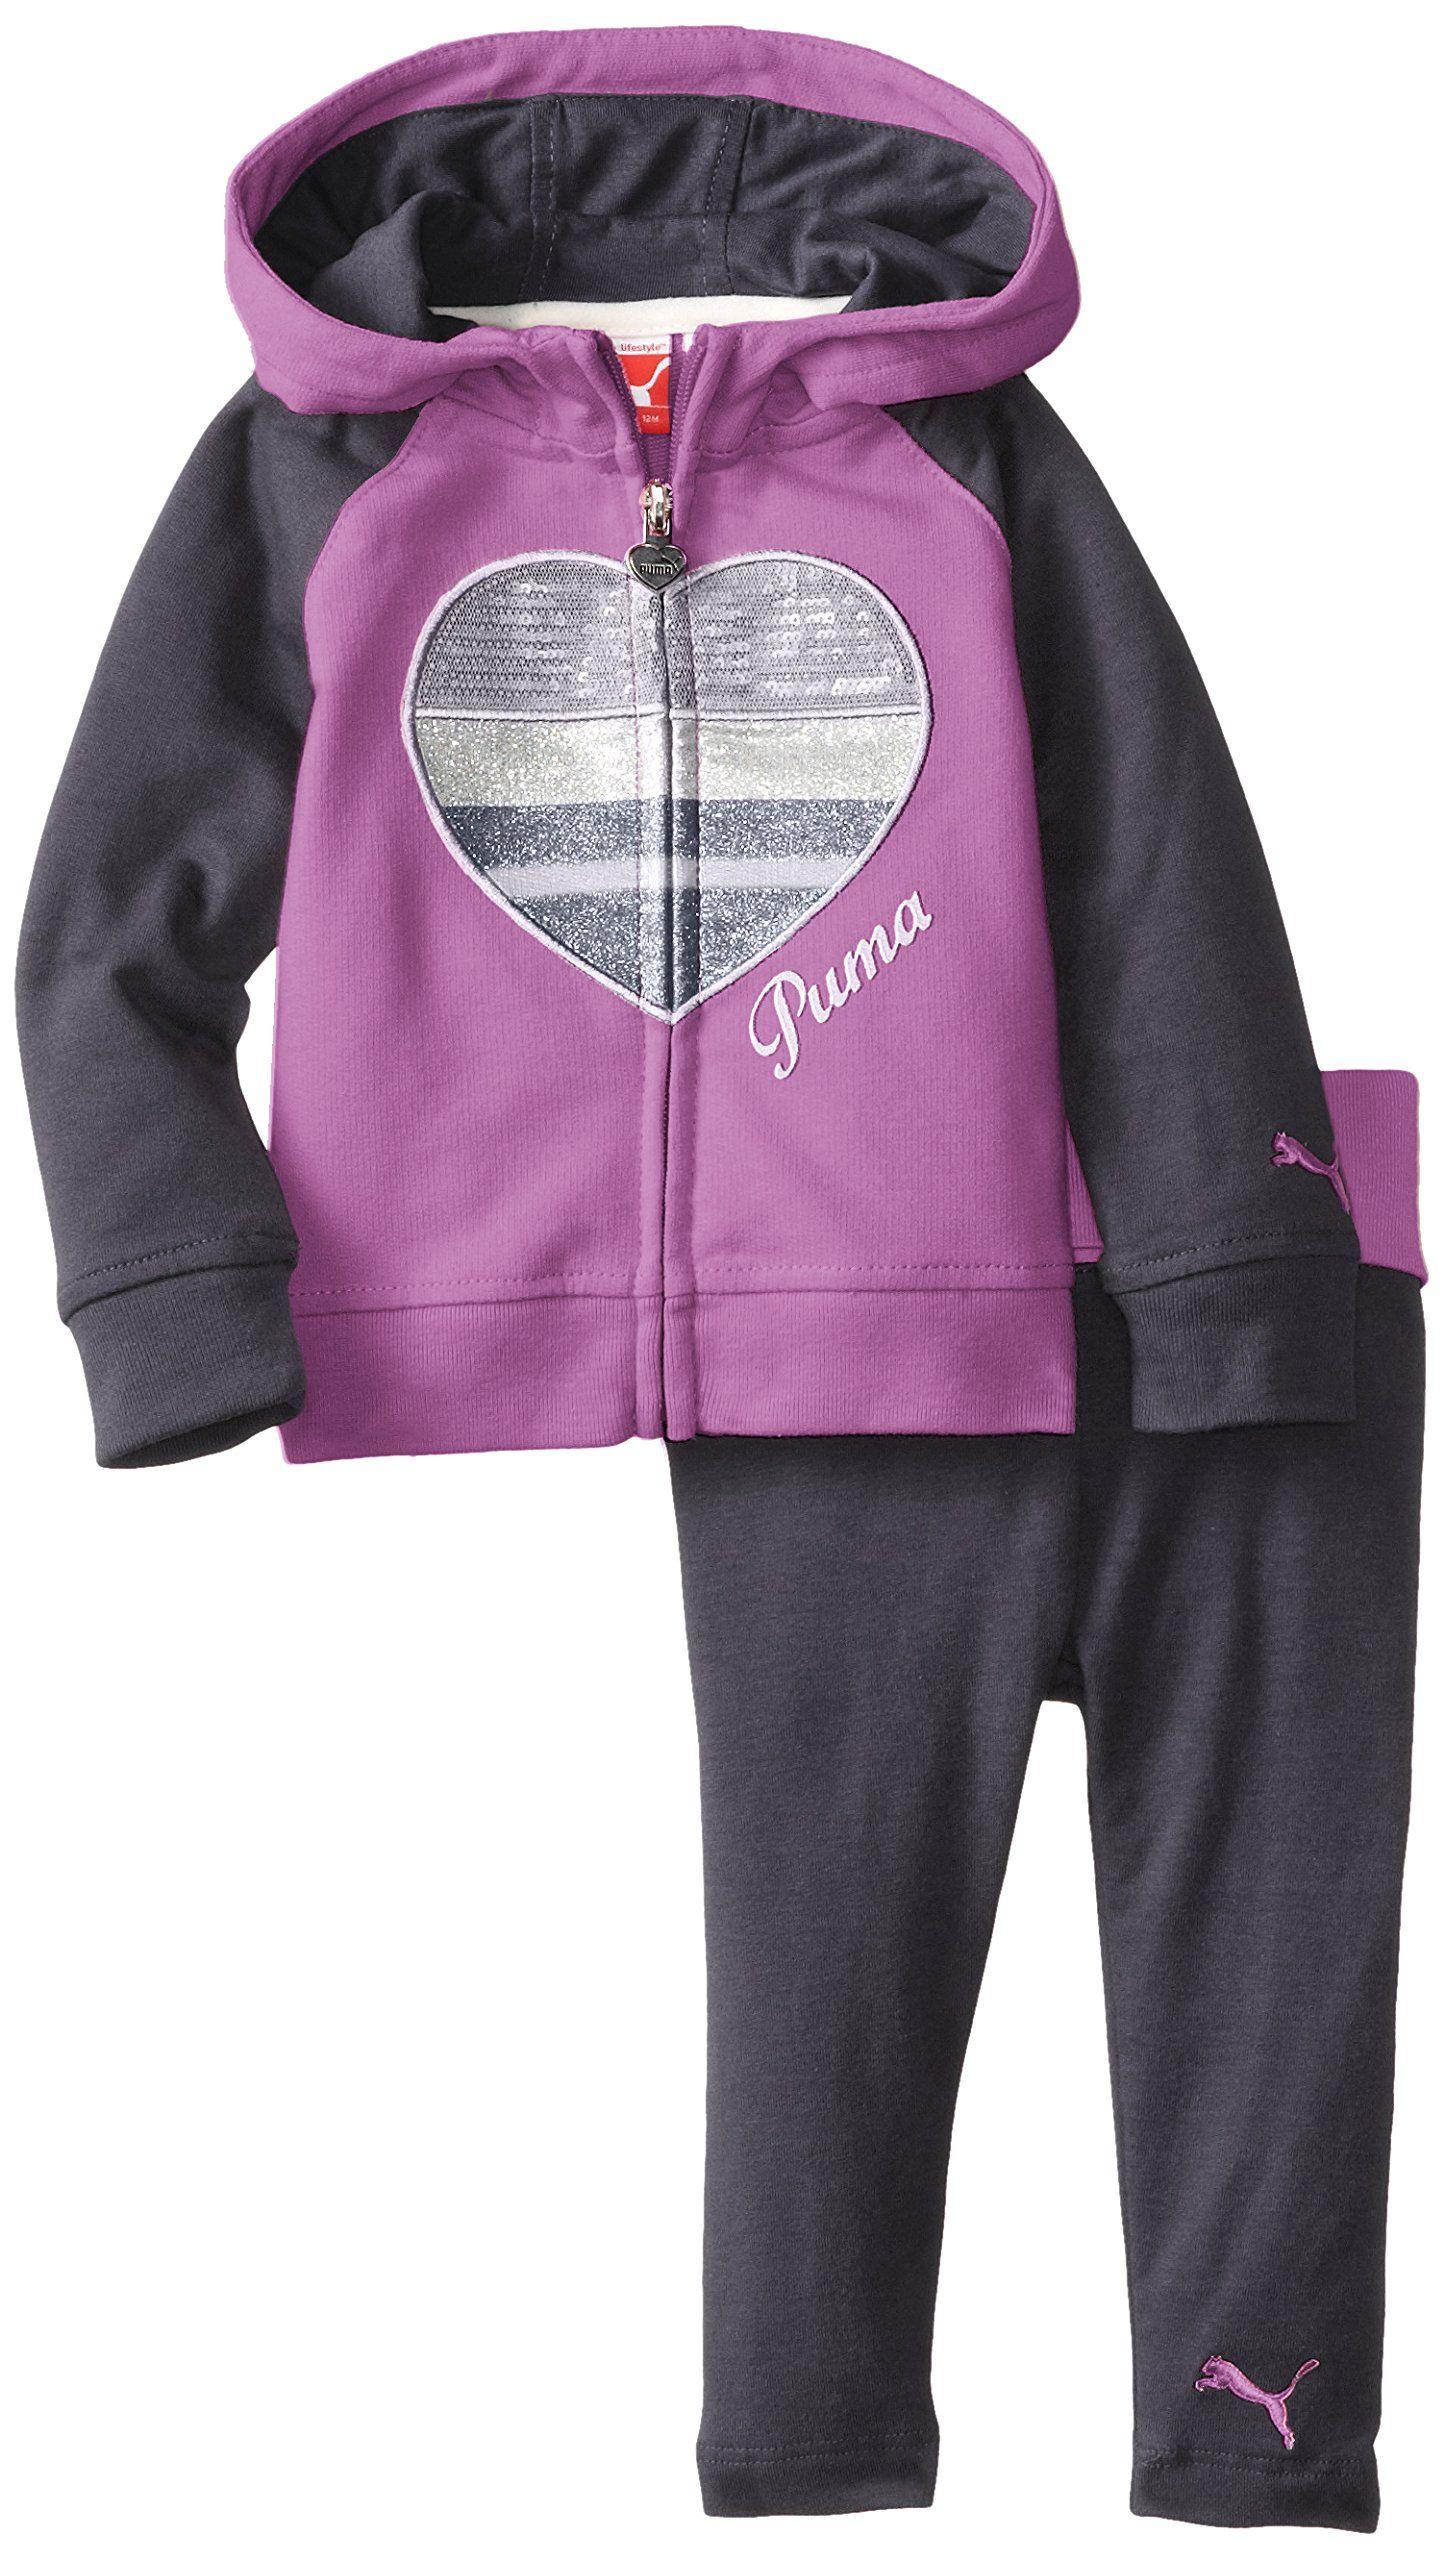 Amazon PUMA Baby Girls Sparkle Heart Legging Set Clothing